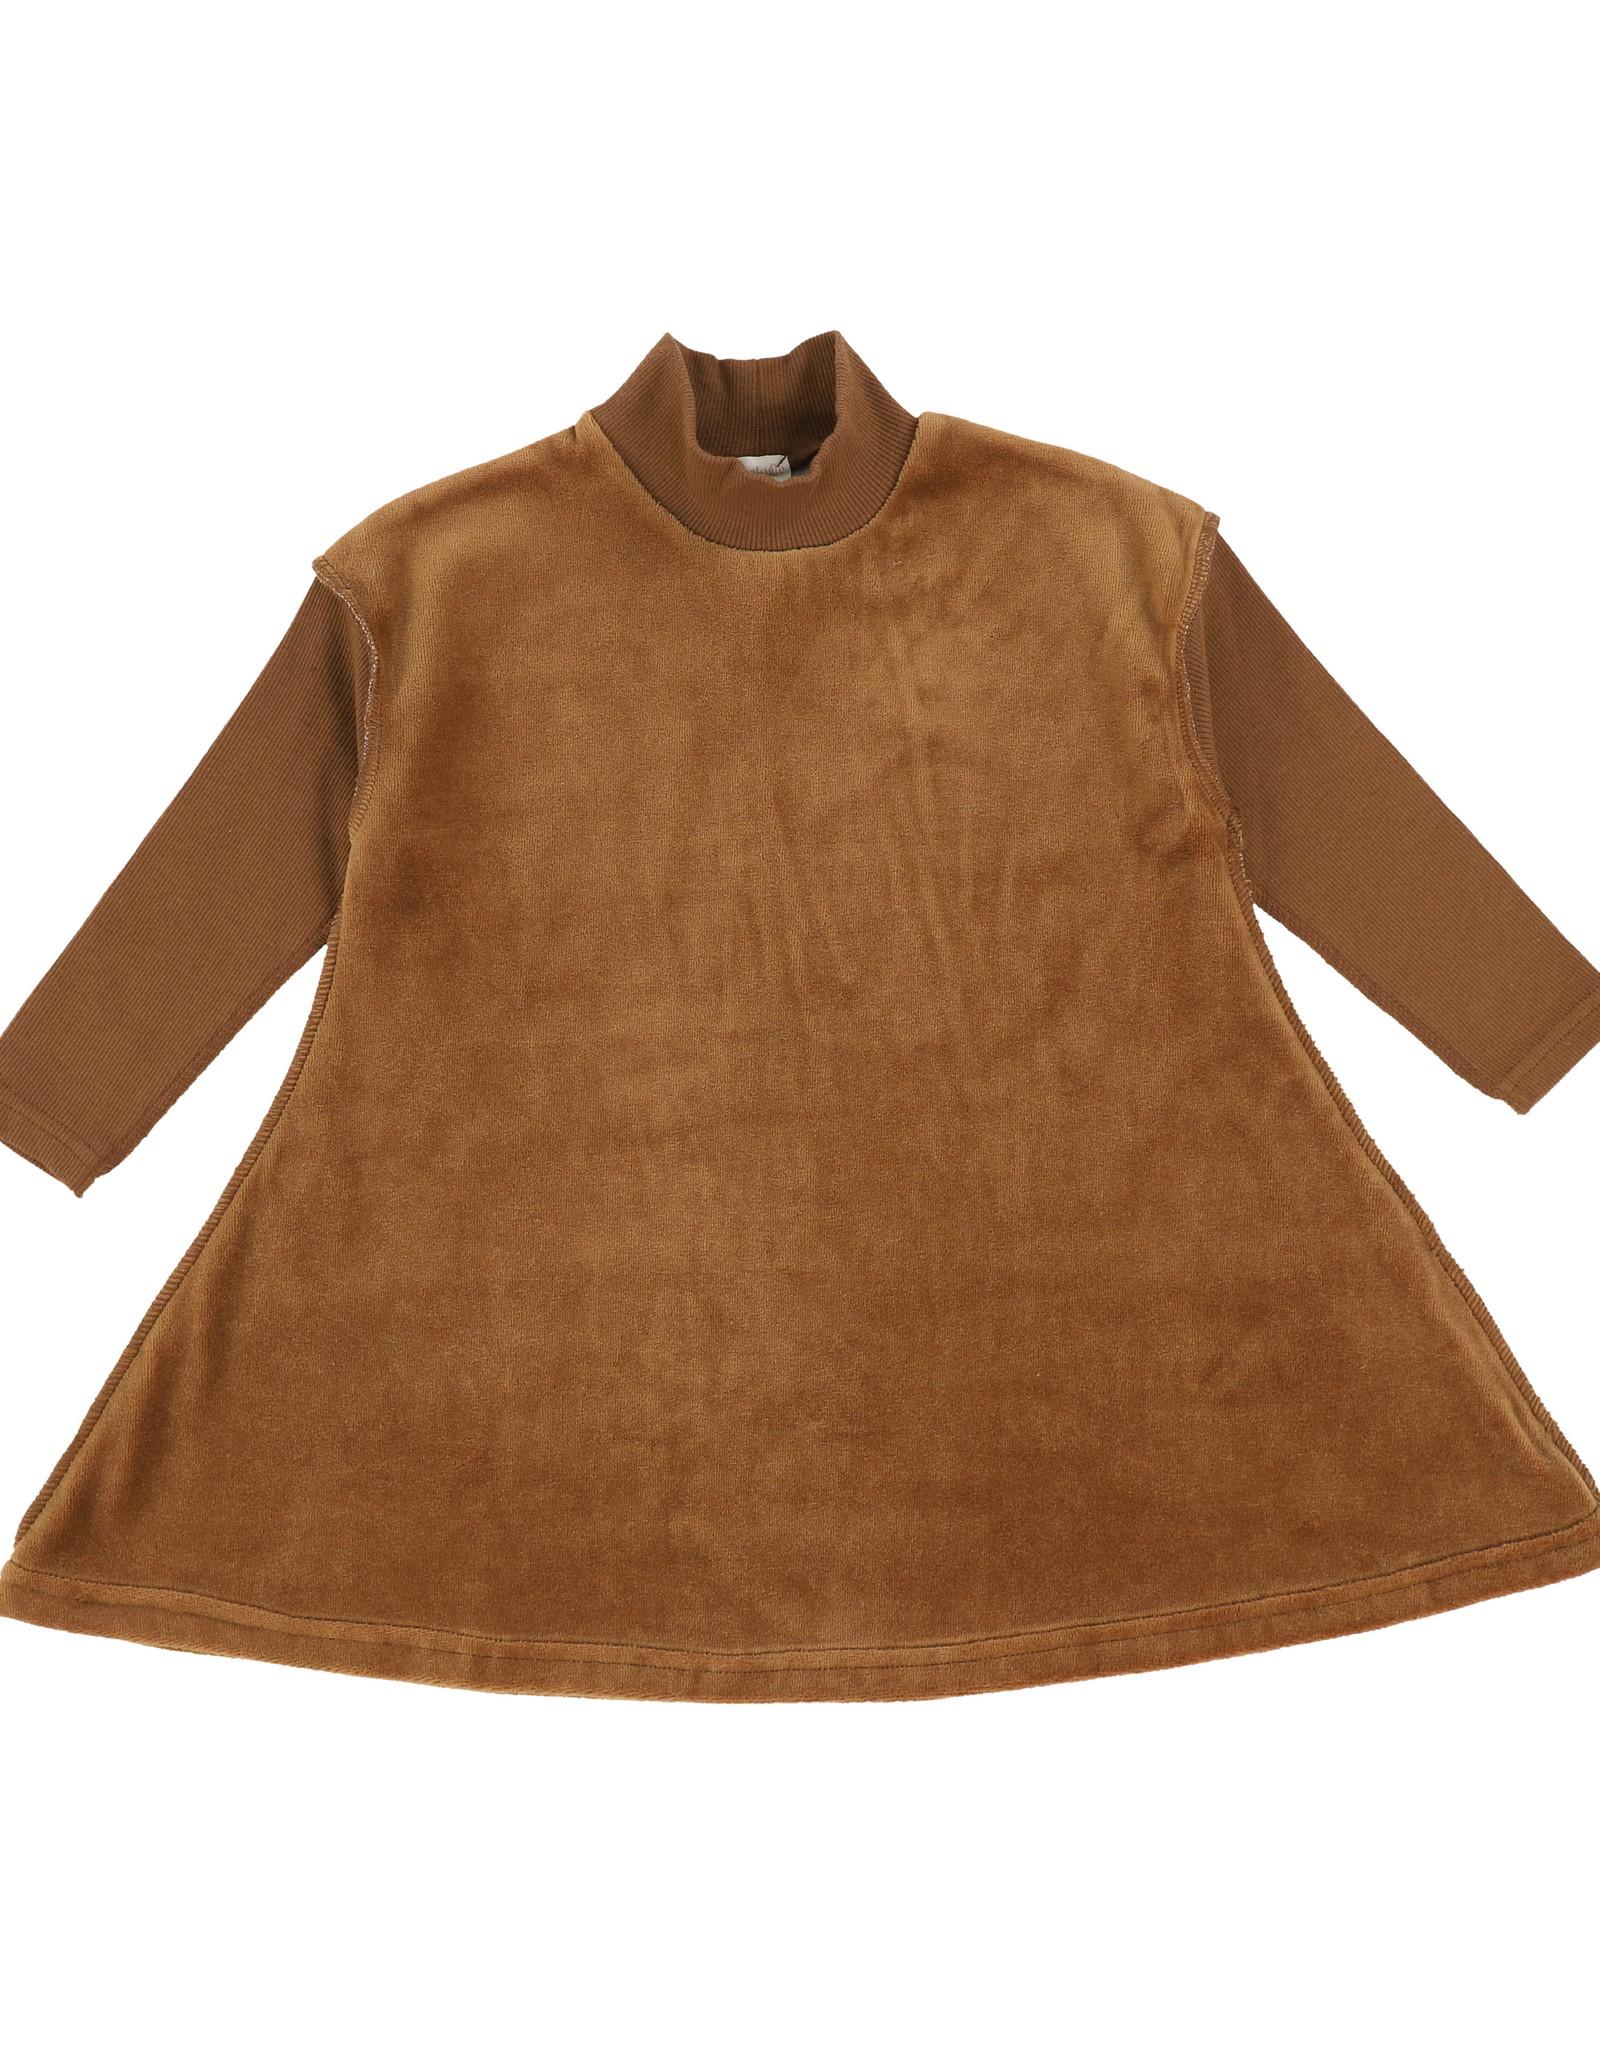 Analogie Analogie Velour Dress